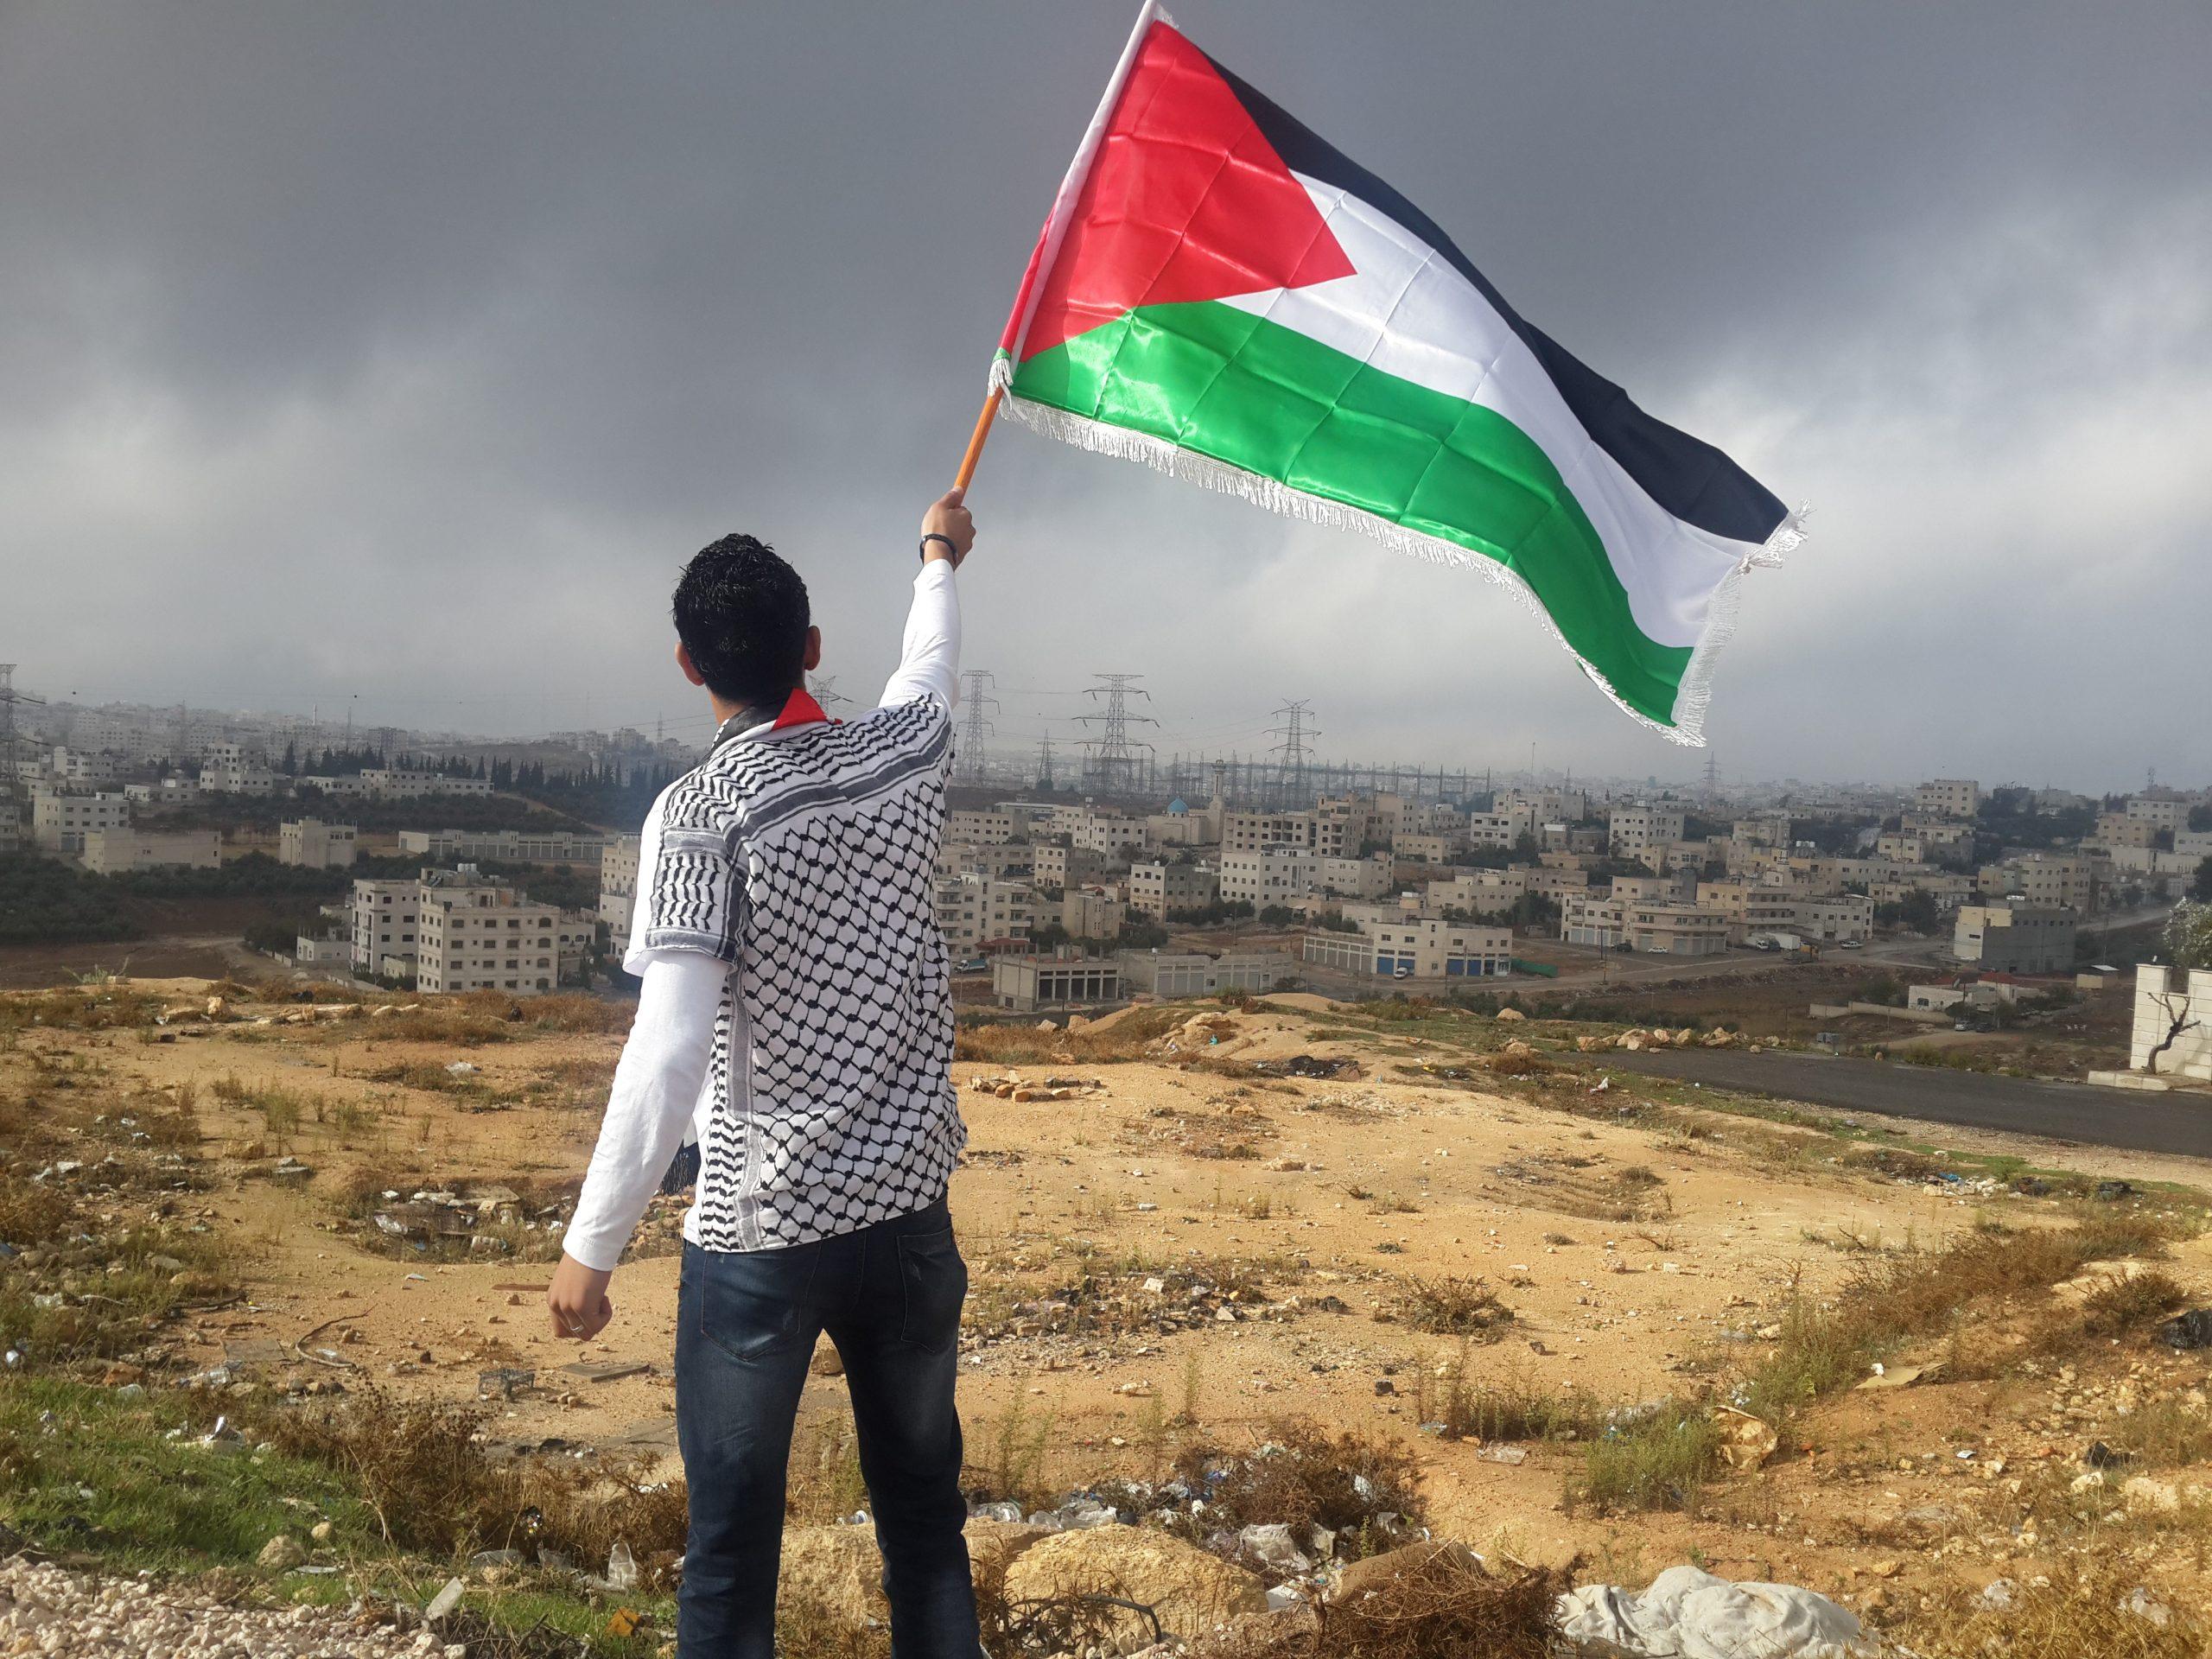 Freiheit für Palästina – deutsche Kriegs- und Besatzungsprofiteure stoppen!